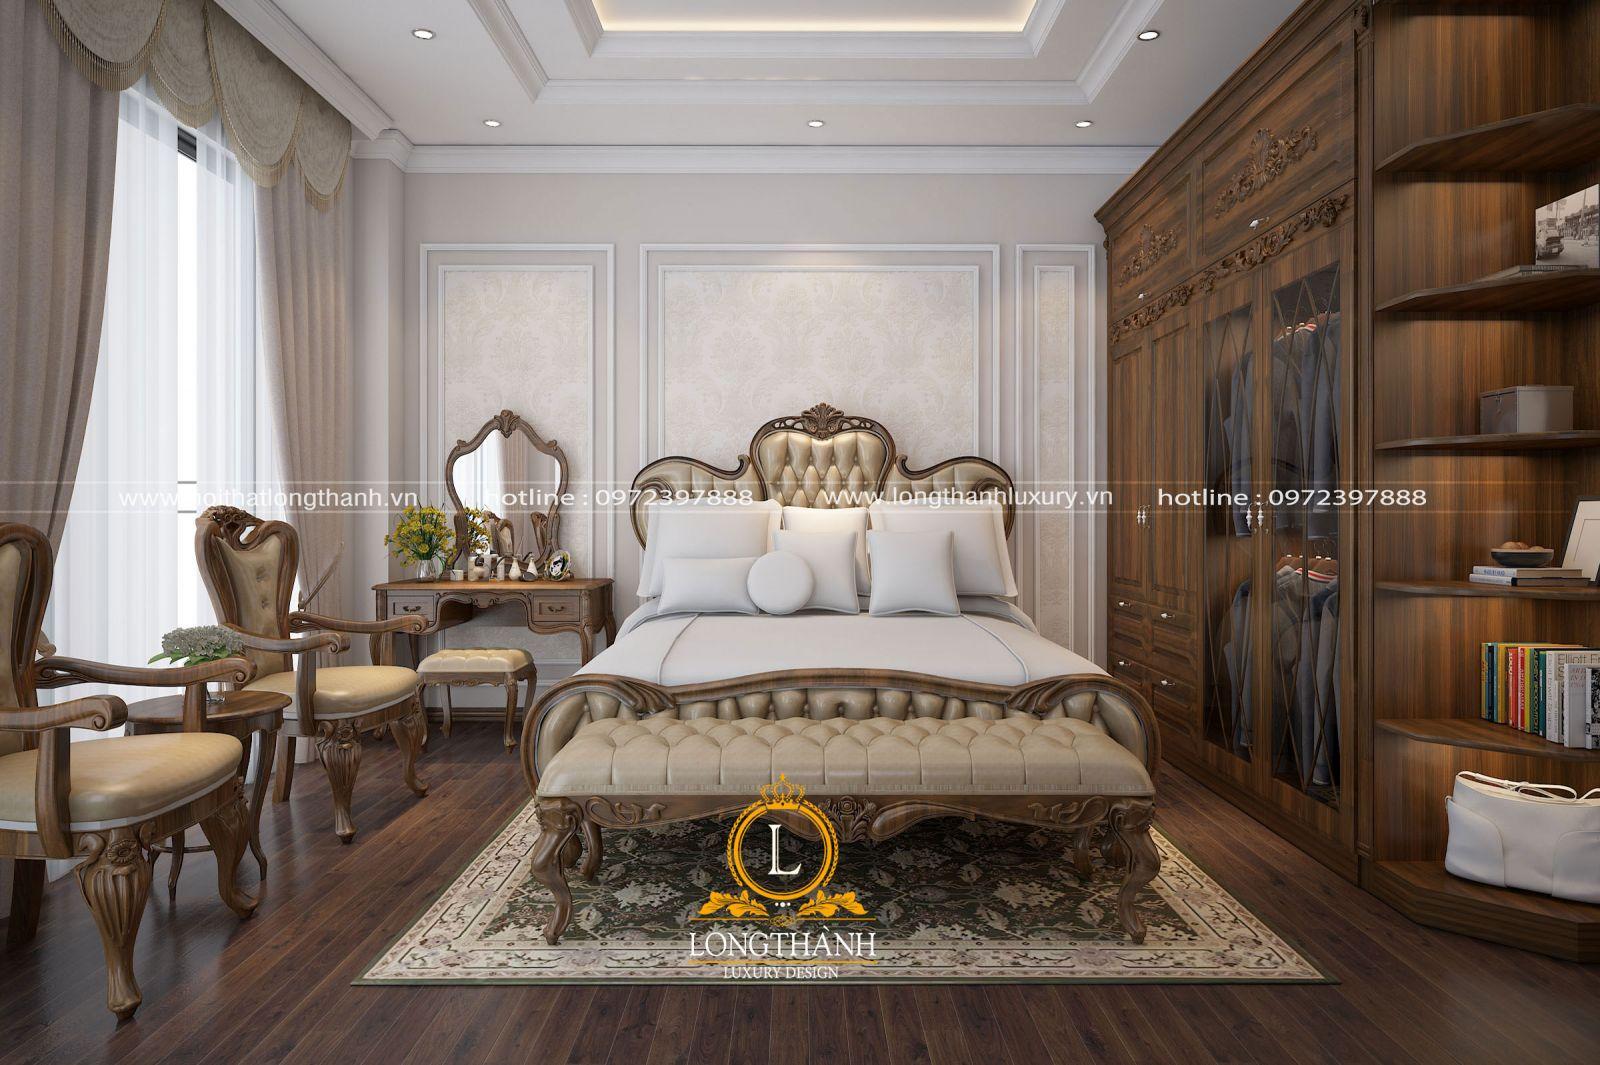 Nội thất phòng ngủ gỗ gụ cao cấp